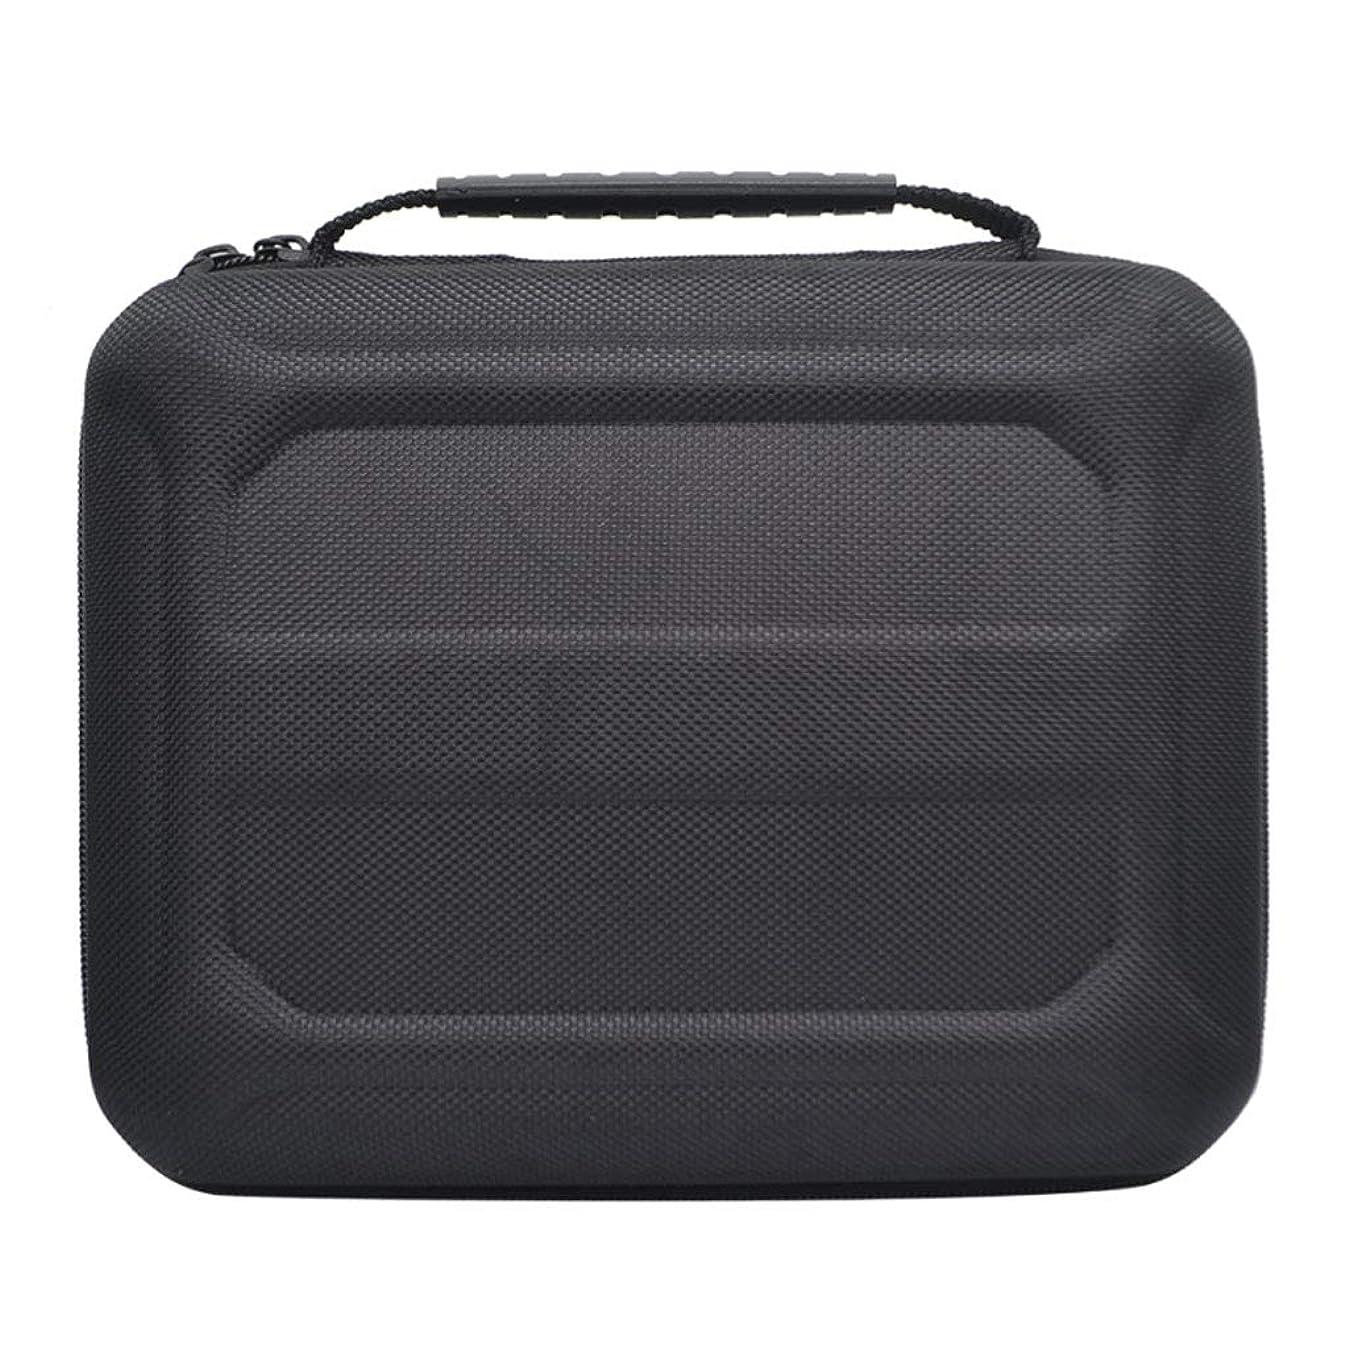 ピストン生活テストShiwaki 収納バッグ オシロスコープ用 DS211 DS212 DS213 LA104対応 大容量 EVA材質